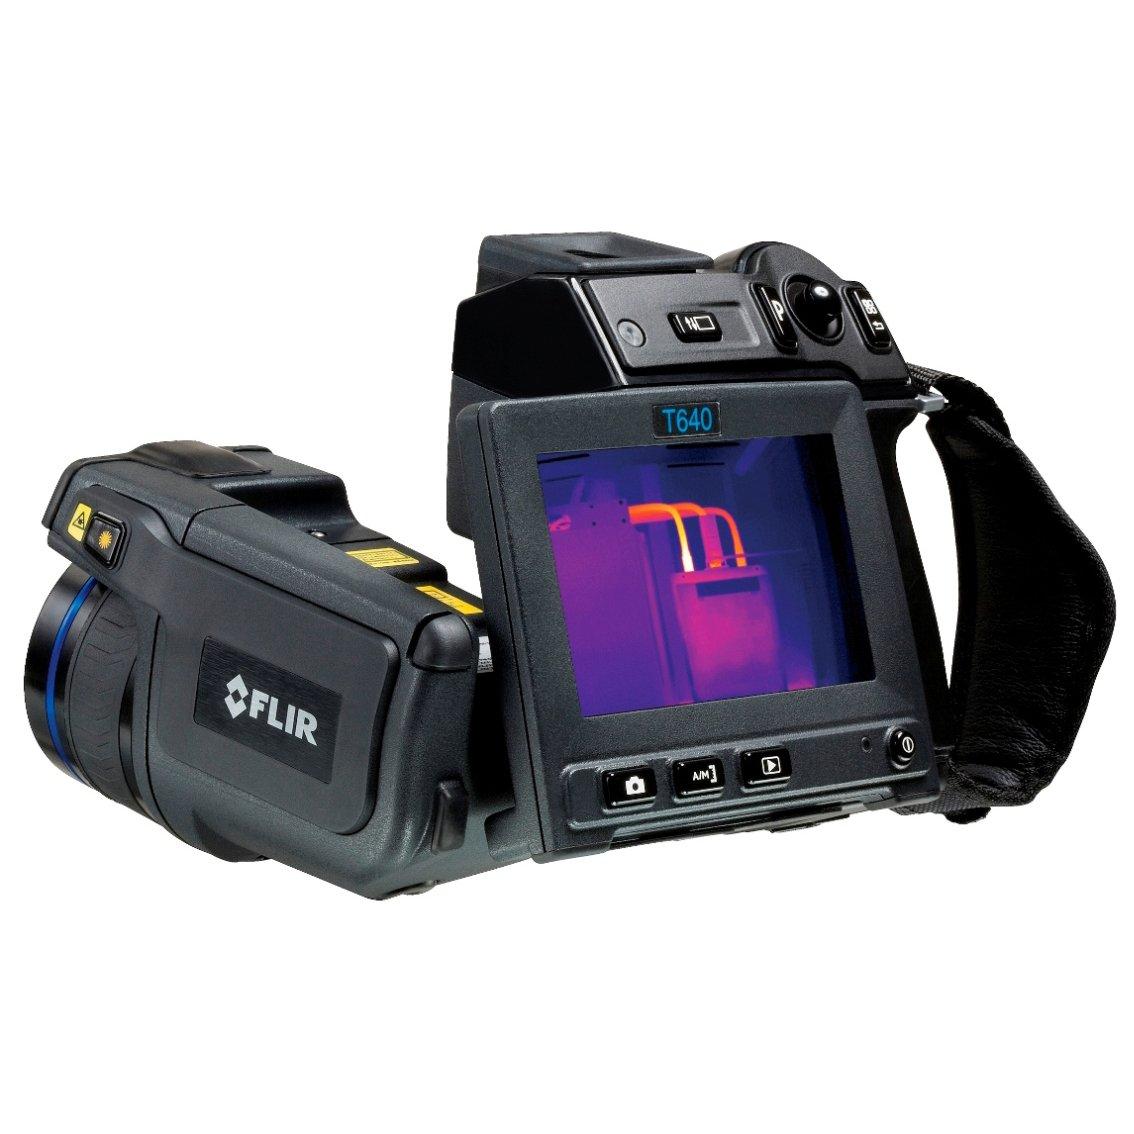 flir t640 25 industrial thermal imaging camera flir ir cameras rh thermalimagers ie flir t440 manual español flir t420 manual